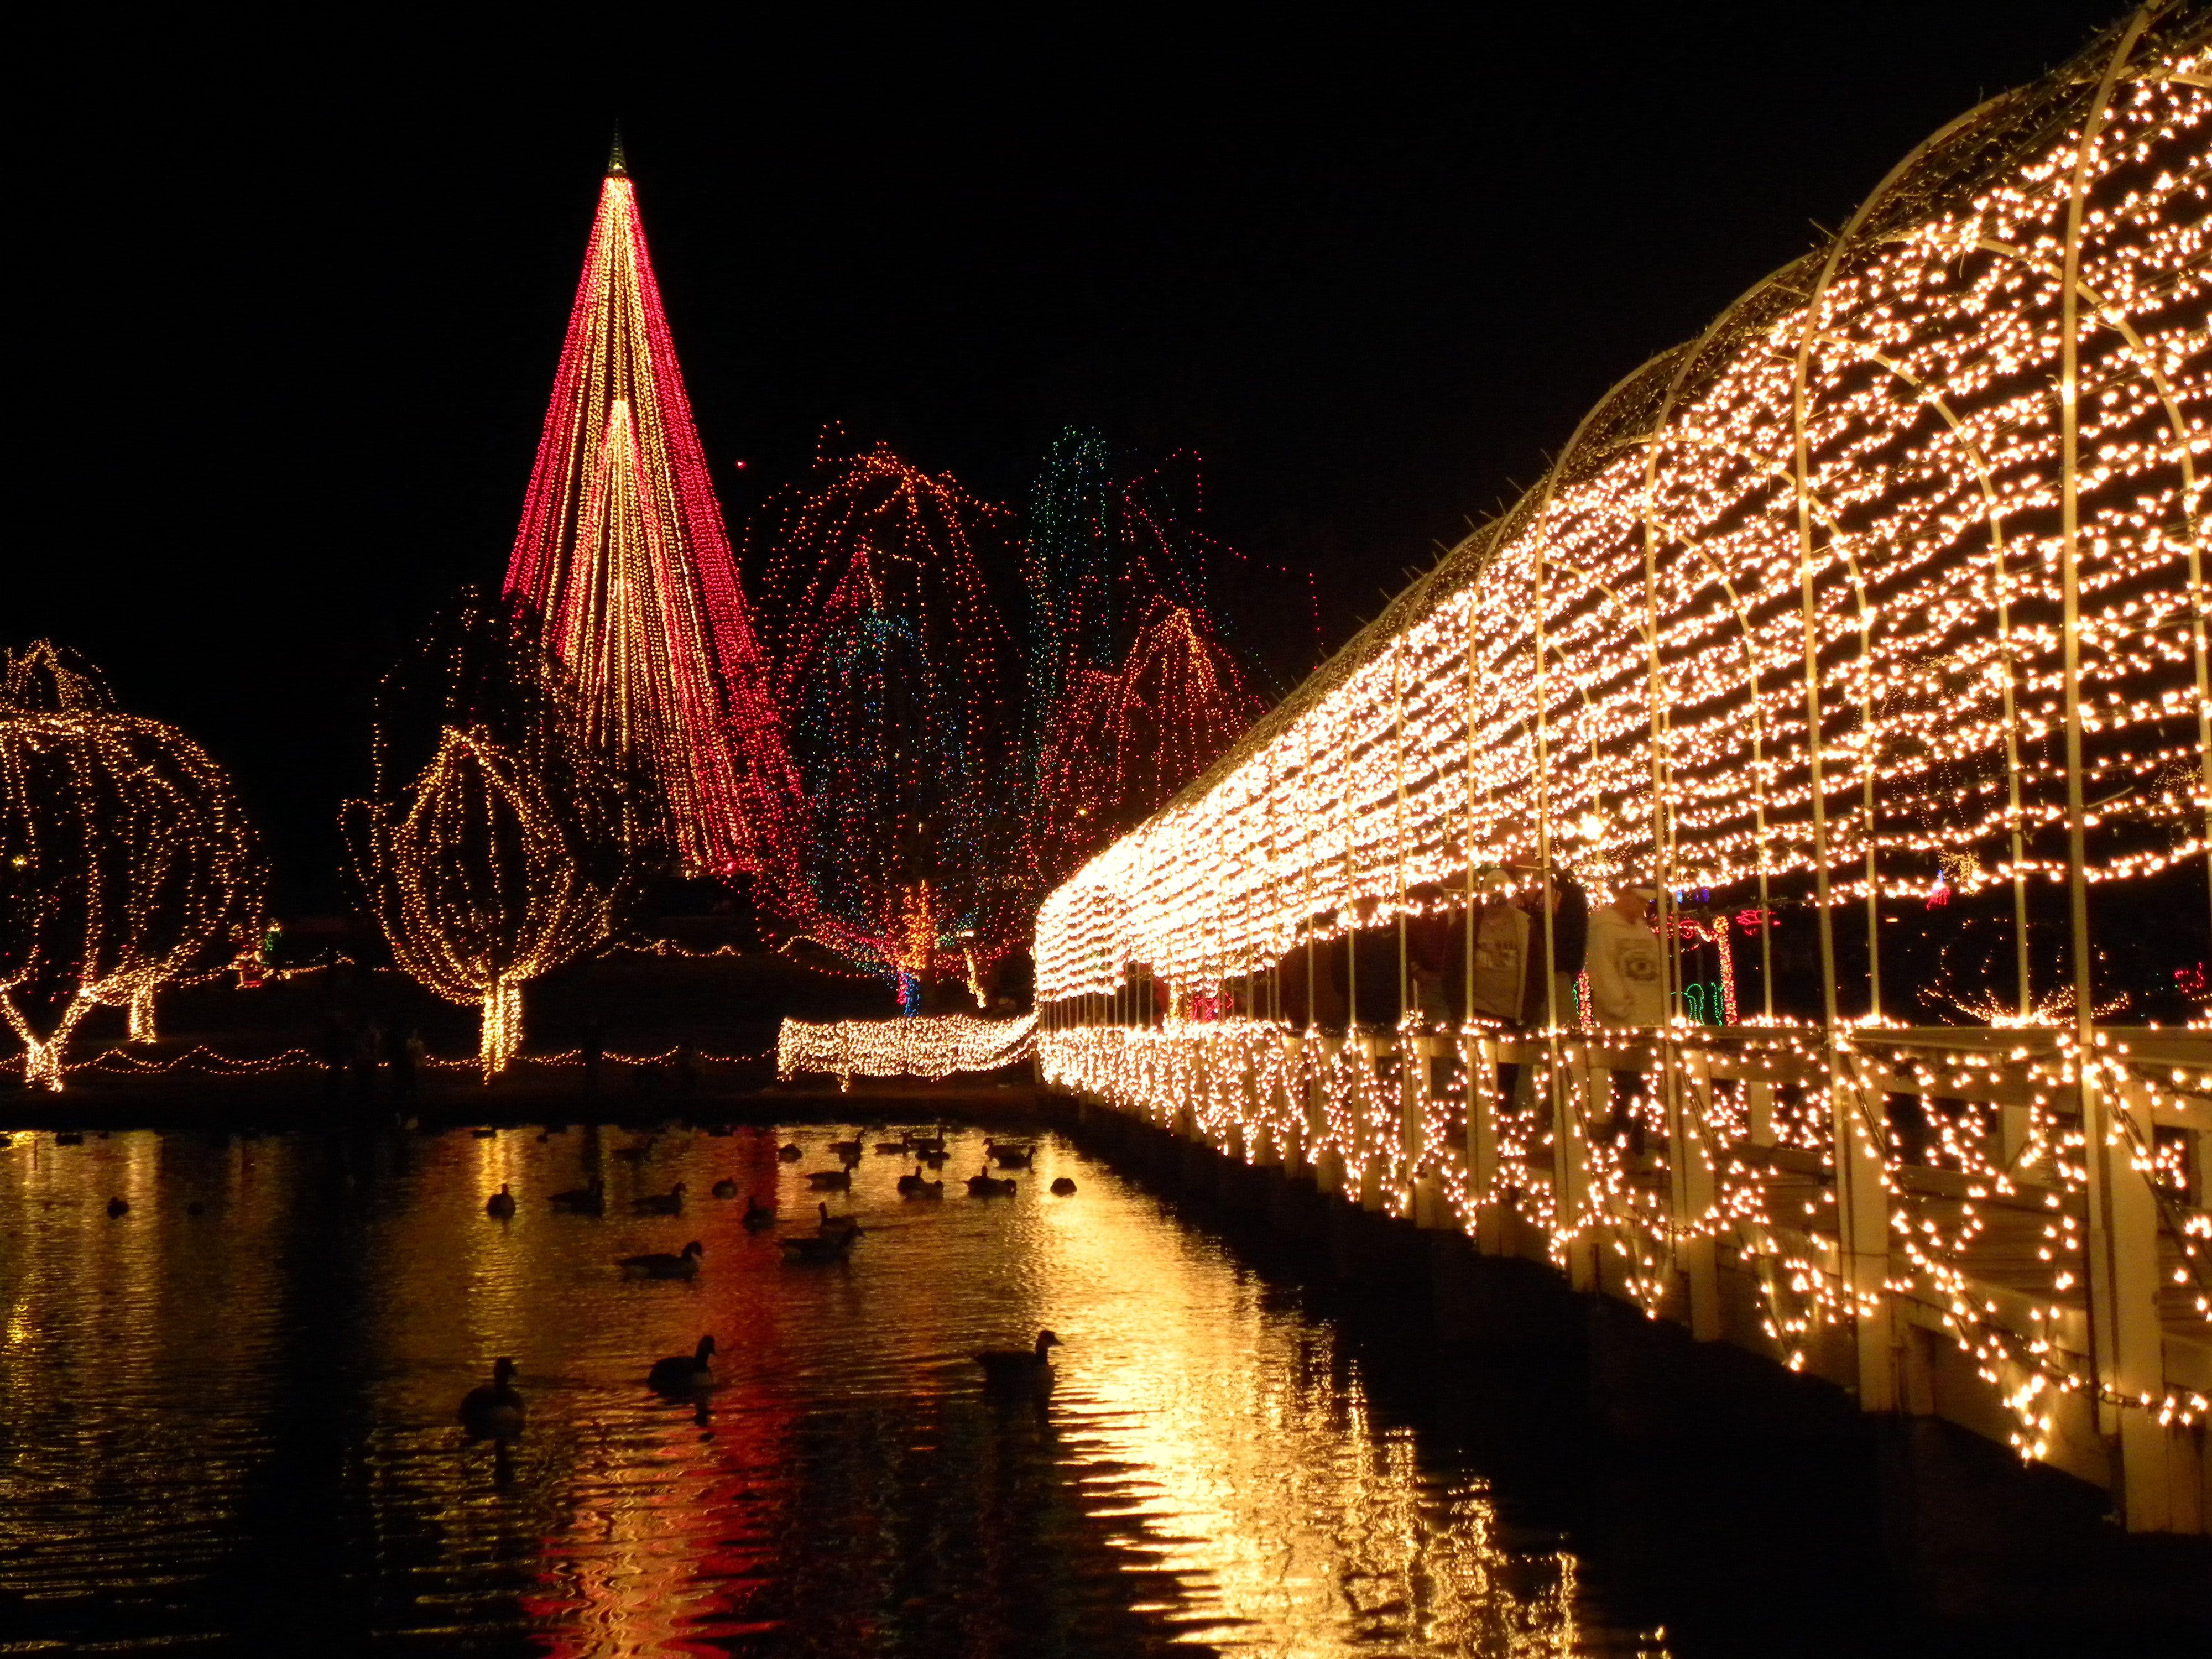 festival of lights chickasha ok - Chickasha Christmas Lights